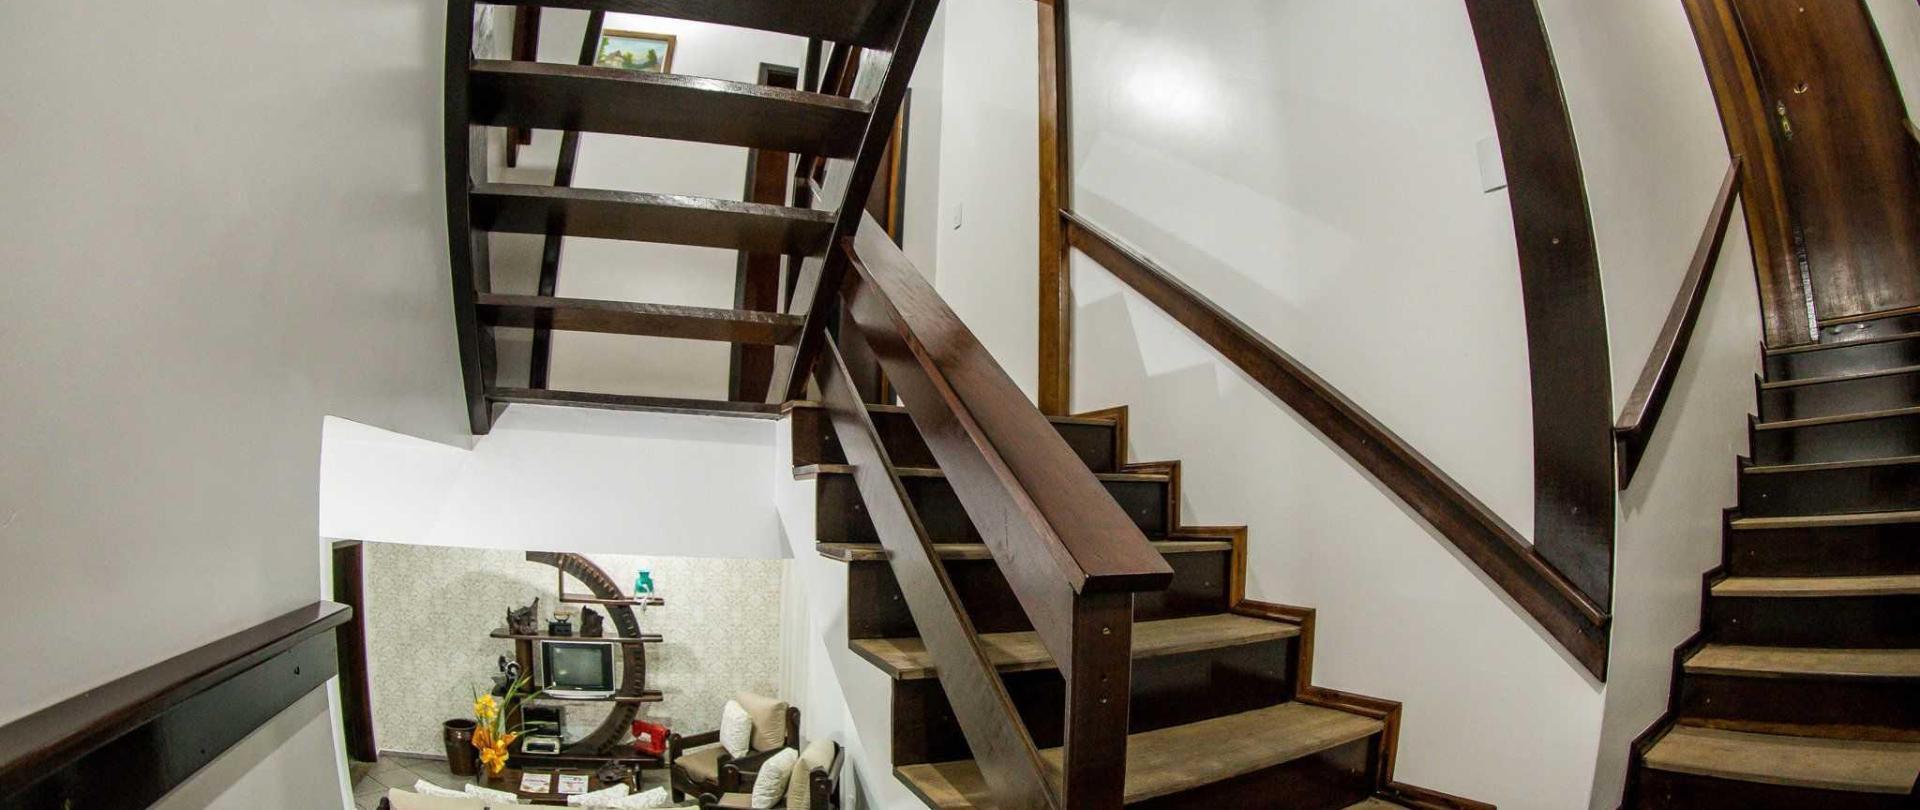 pousada-casar-o-em-jaragu-do-sul-santa-catarina-brasil-acesso-aos-quartos-e-vista-parcial-da-sala-de-tv.jpg